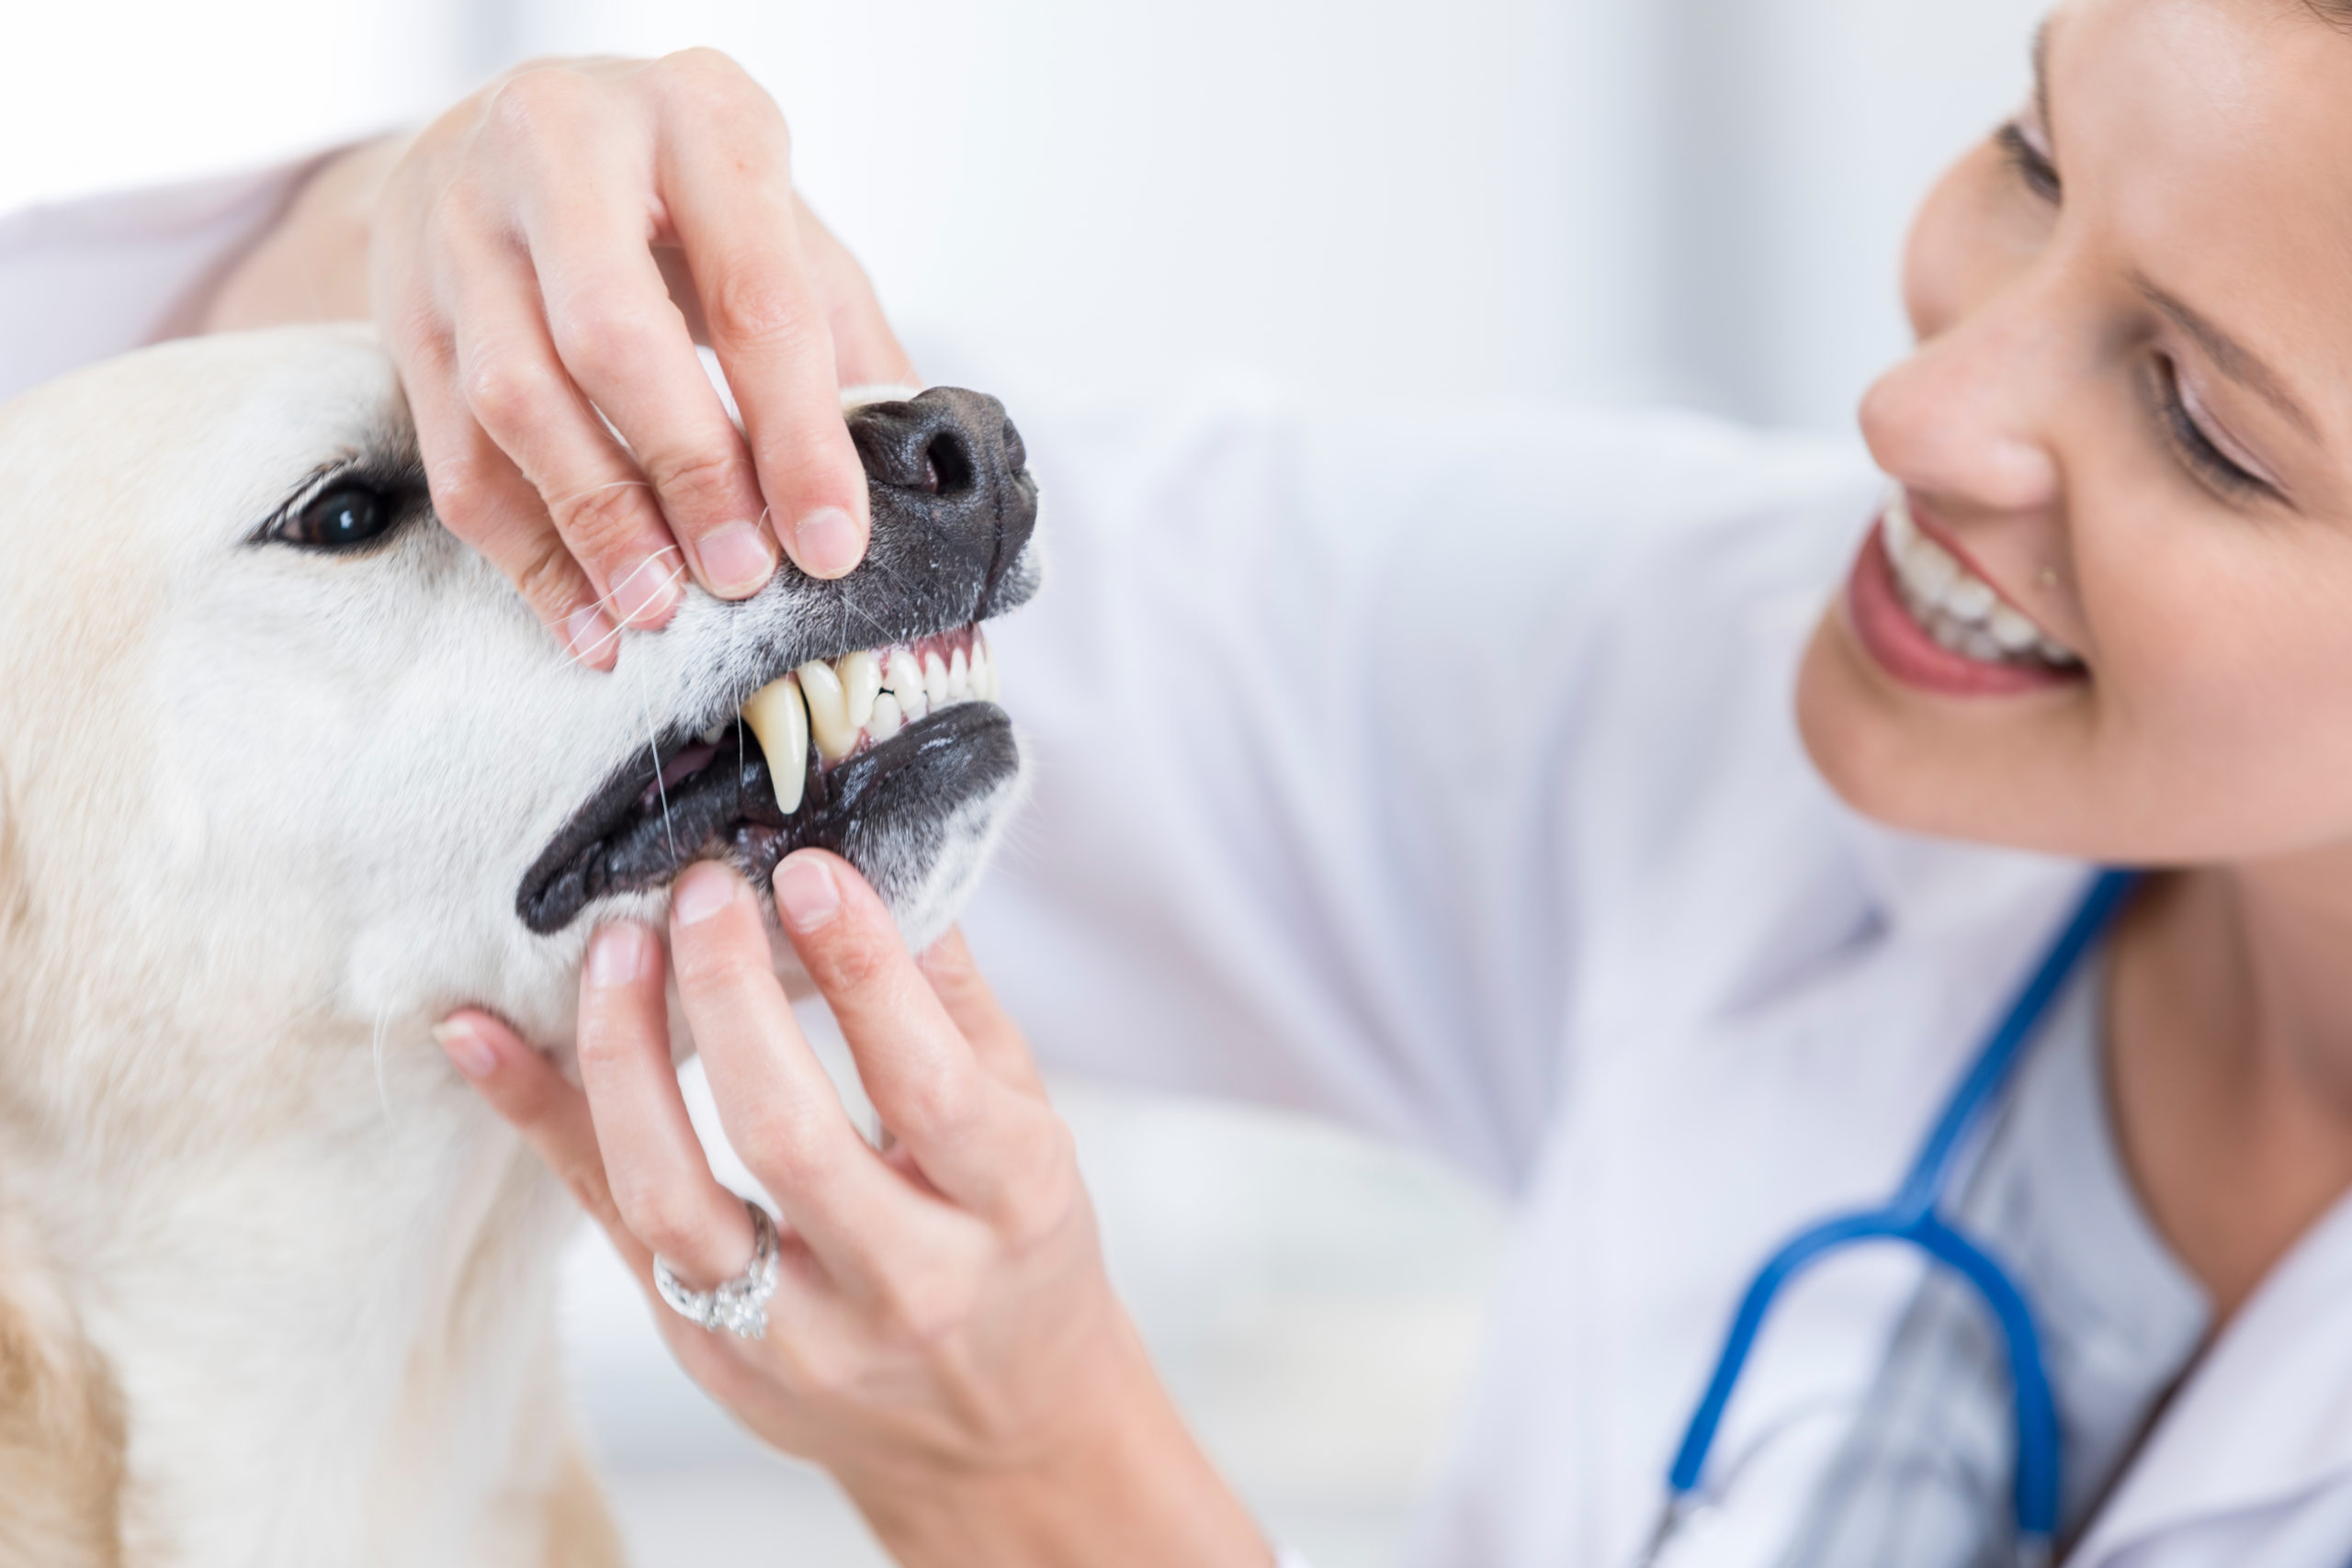 vet examines yellow lab's teeth